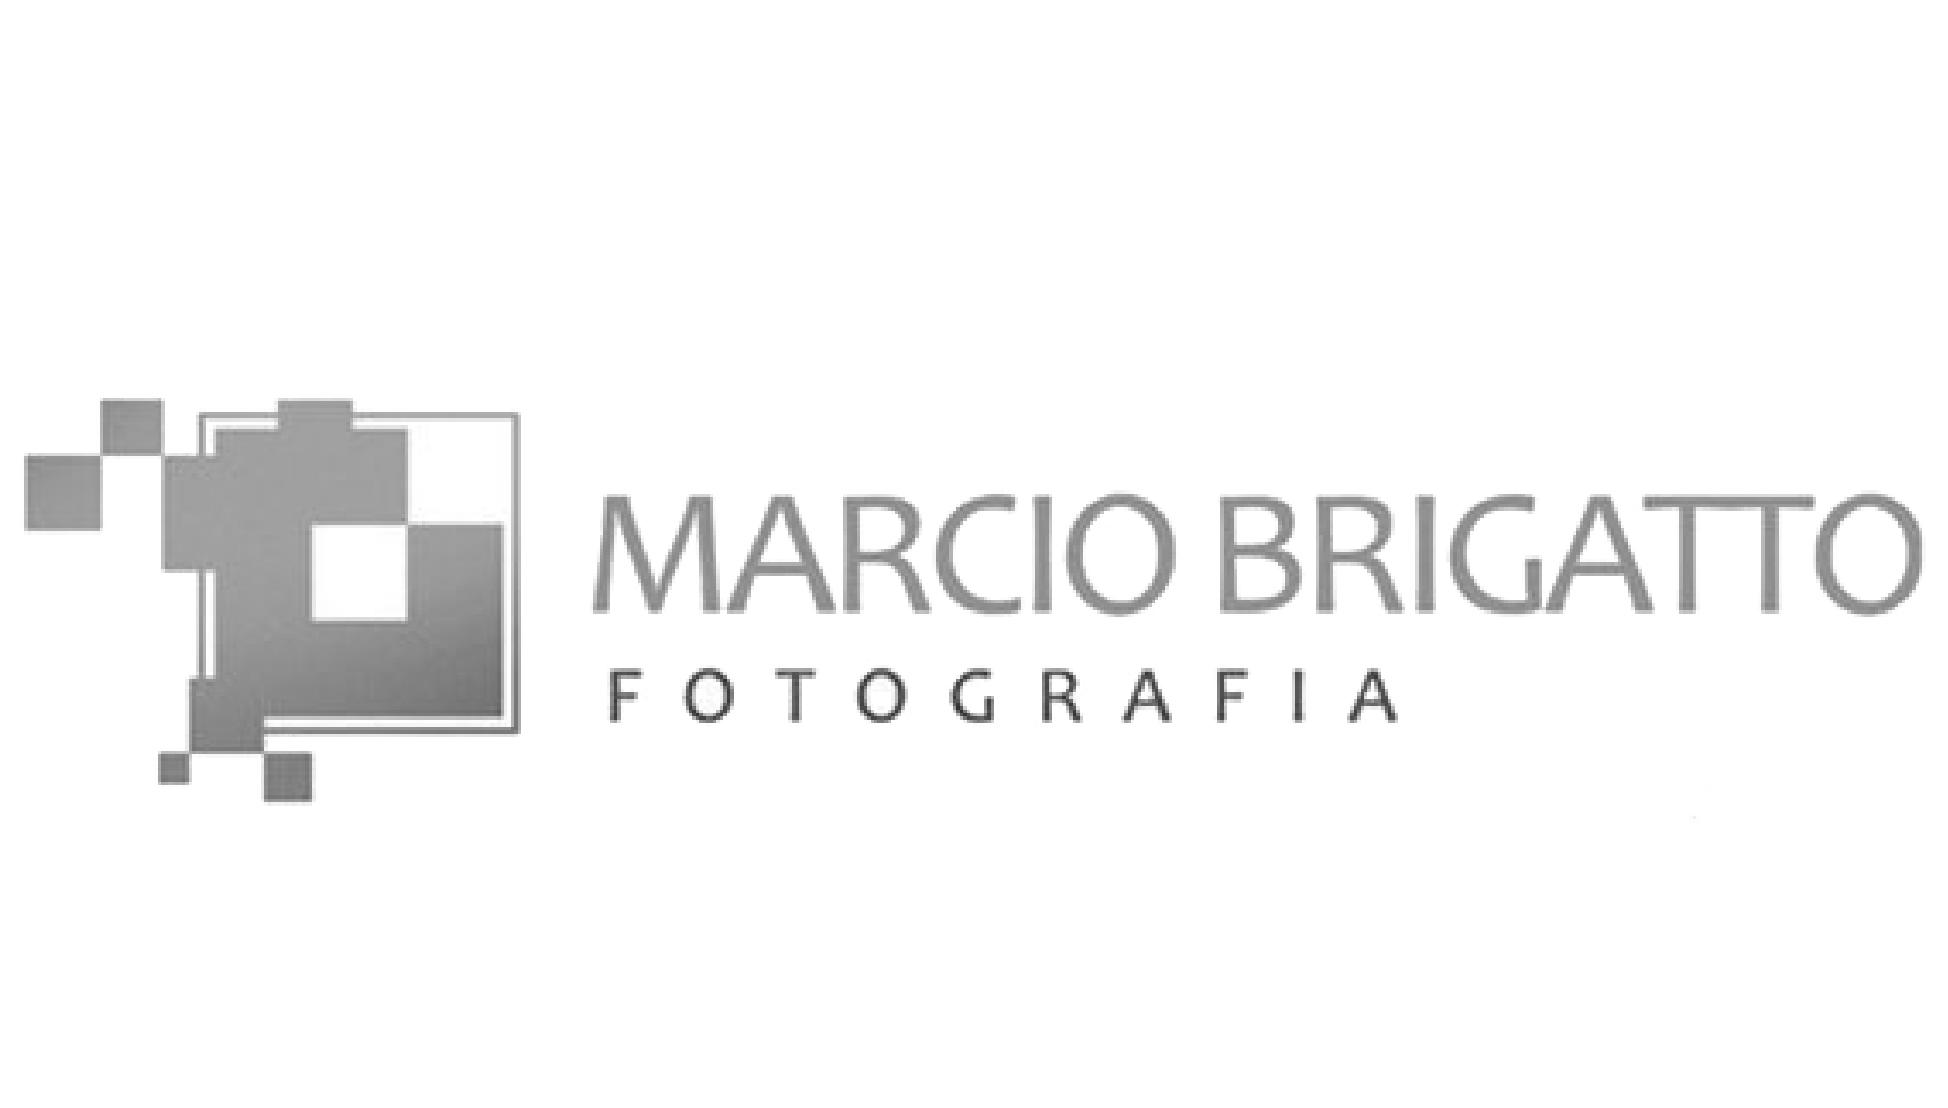 Marcio Brigatto